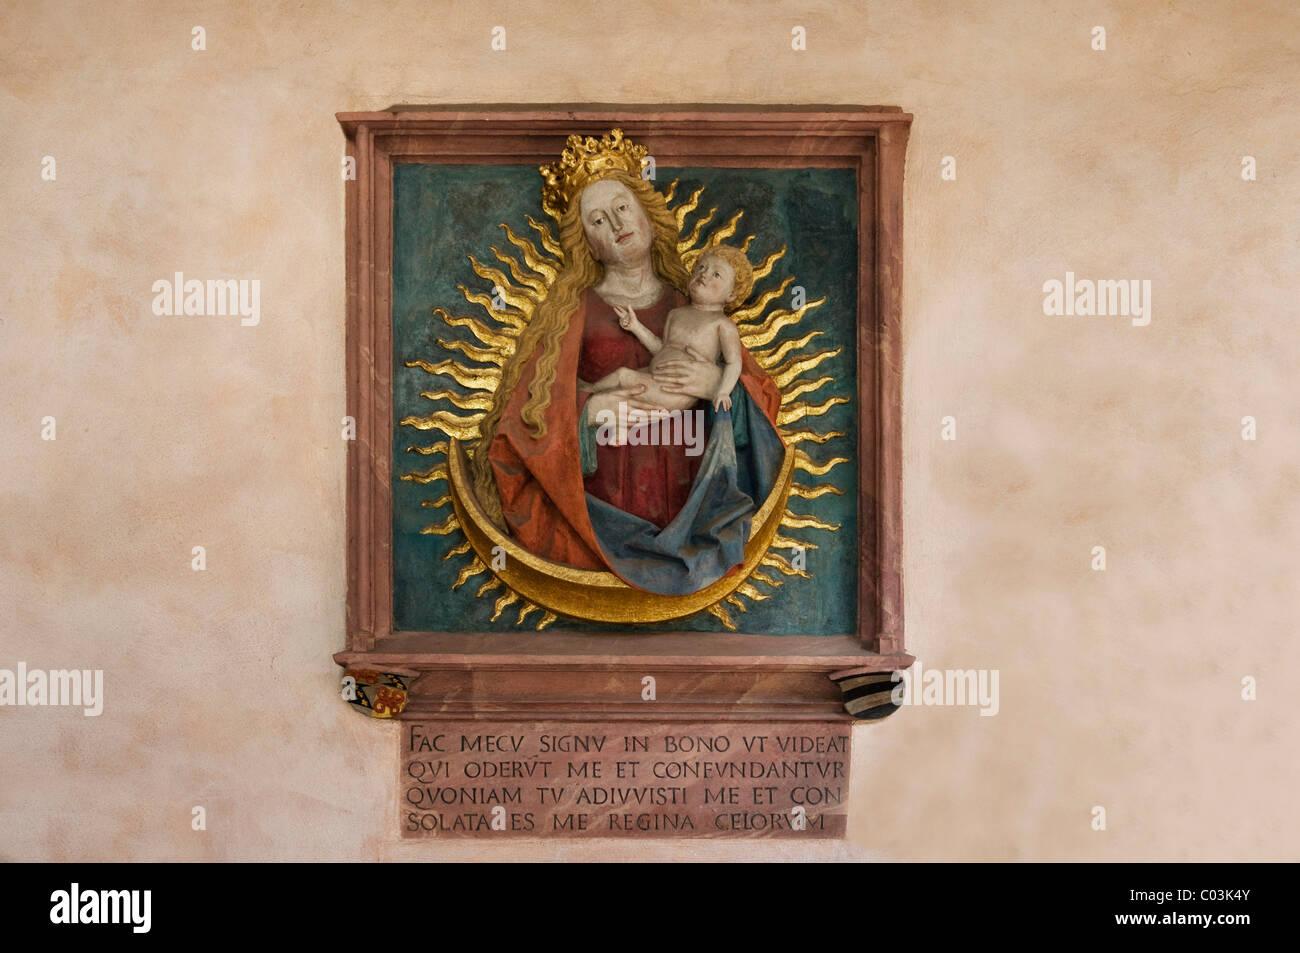 Bildnis Marie im Mainzer Dom mit einer lateinischen Inschrift, Mainz, Rheinland-Pfalz, Deutschland, Europa Stockbild